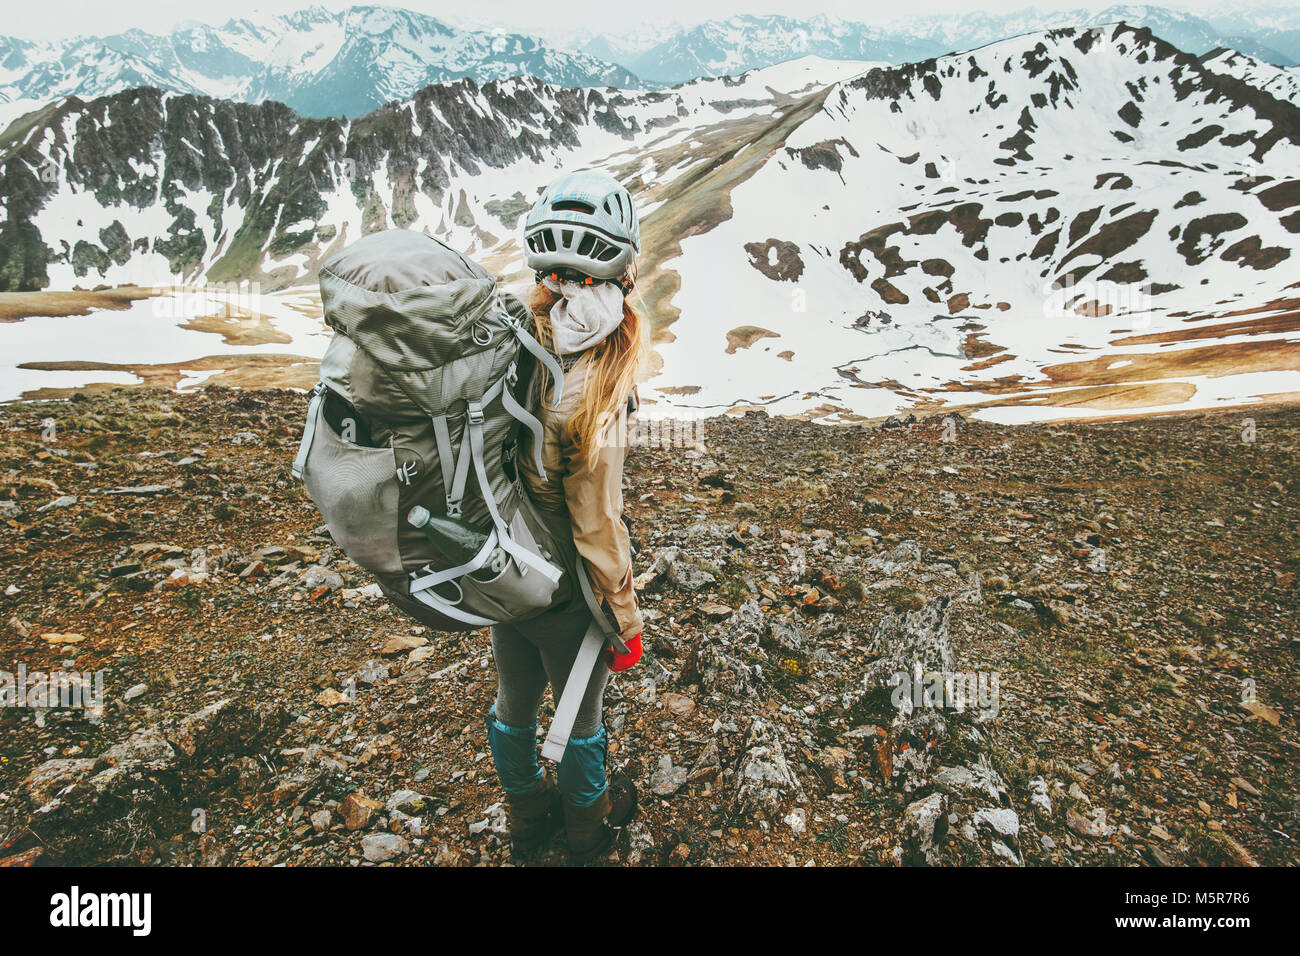 Mujer del viajero con mochila de senderismo en las montañas de viajar concepto de aventura en el estilo de Imagen De Stock